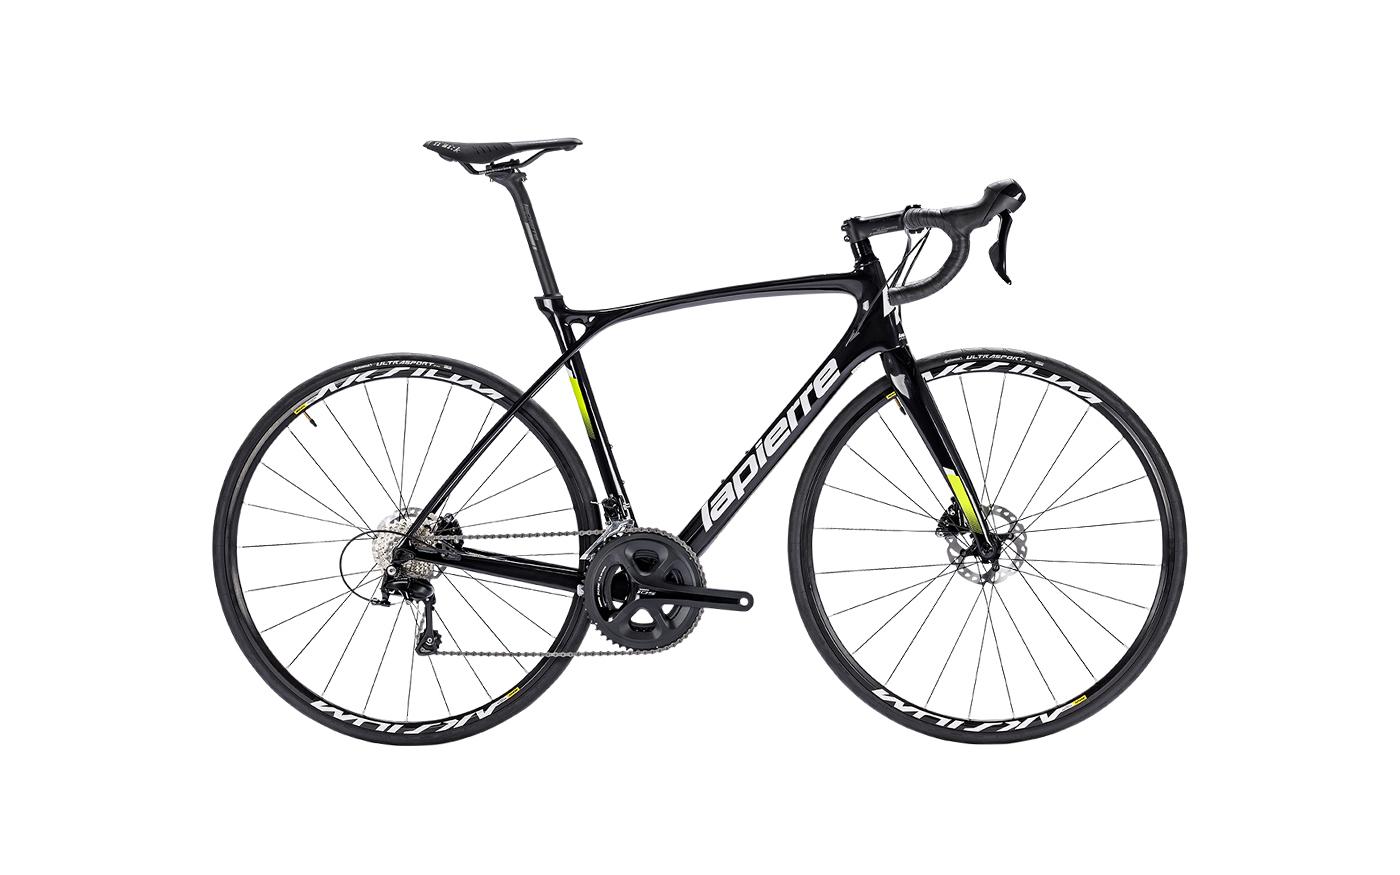 Bicykel LAPIERRE XELIUS SL 500 DISC MC 2018